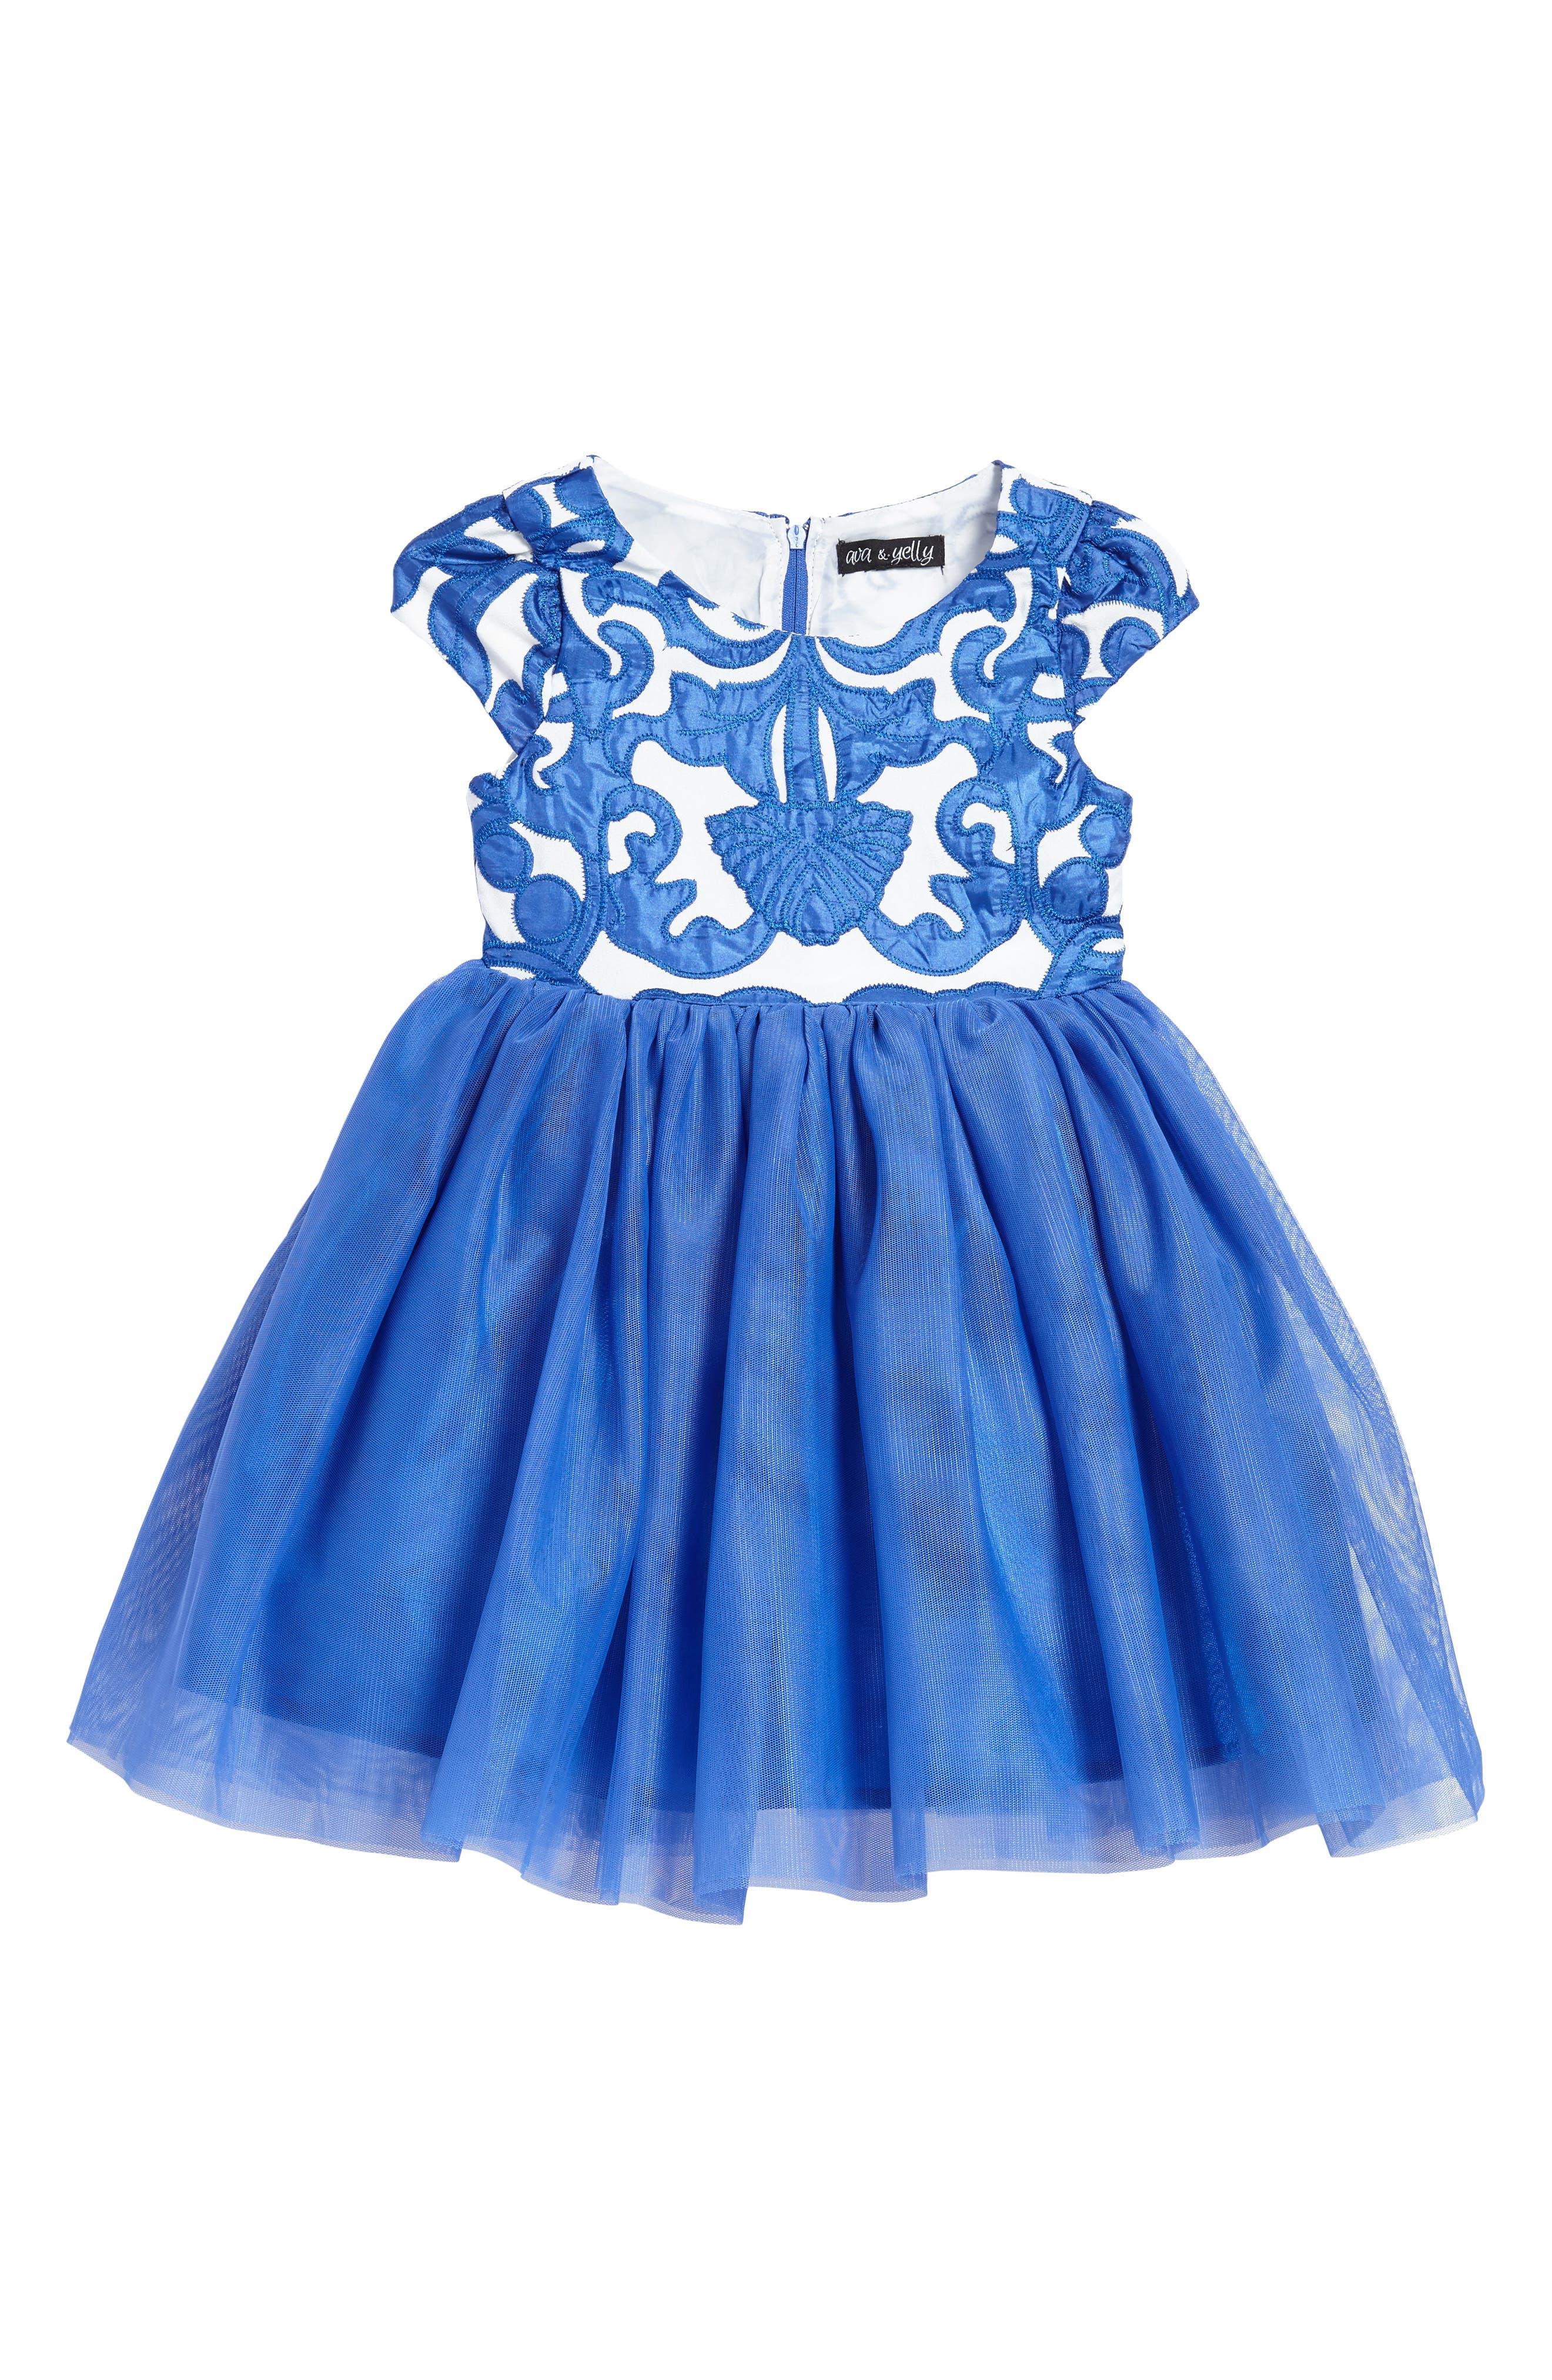 Appliqué Tulle Dress,                             Main thumbnail 1, color,                             420